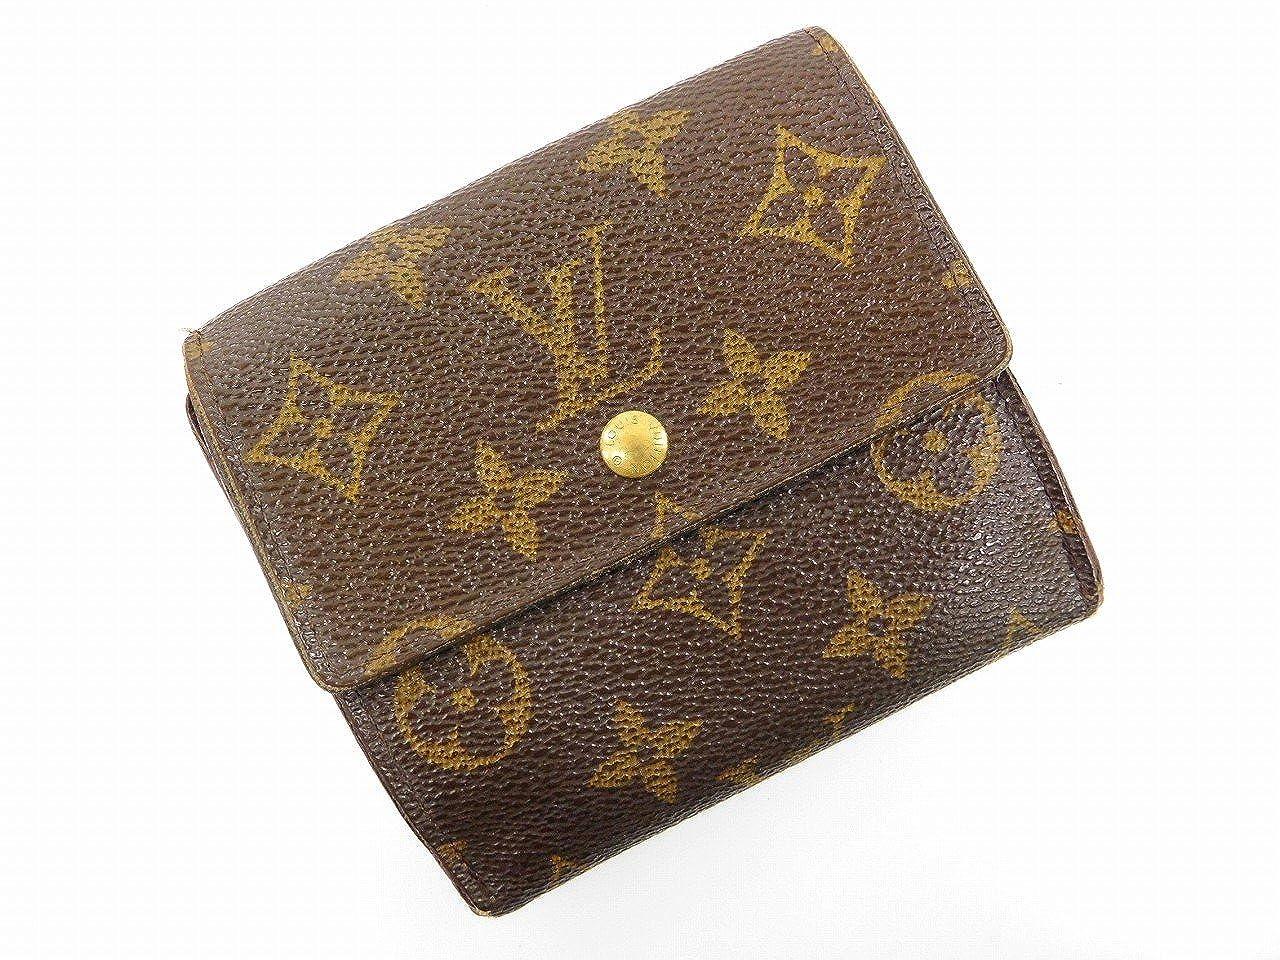 [ルイヴィトン] LOUIS VUITTON 二つ折り財布 モノグラム M61652 PVC×レザー X16503 中古   B0789FFN85